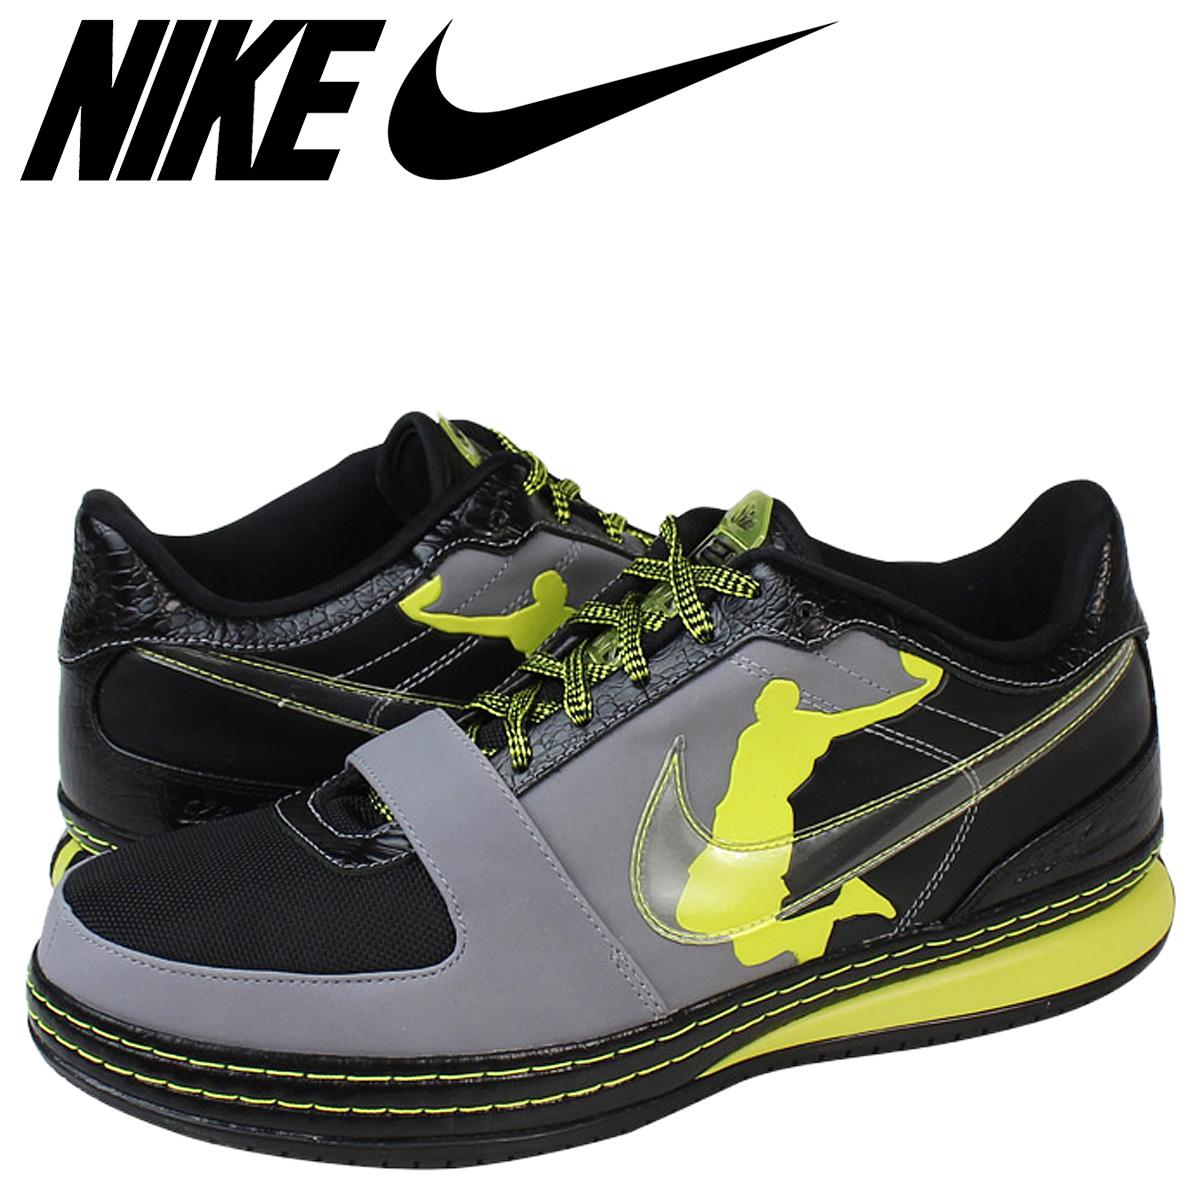 c655a91a158 ALLSPORTS  Nike NIKE zoom Revlon sneakers ZOOM LEBRON VI LOW DUNKMAN ...